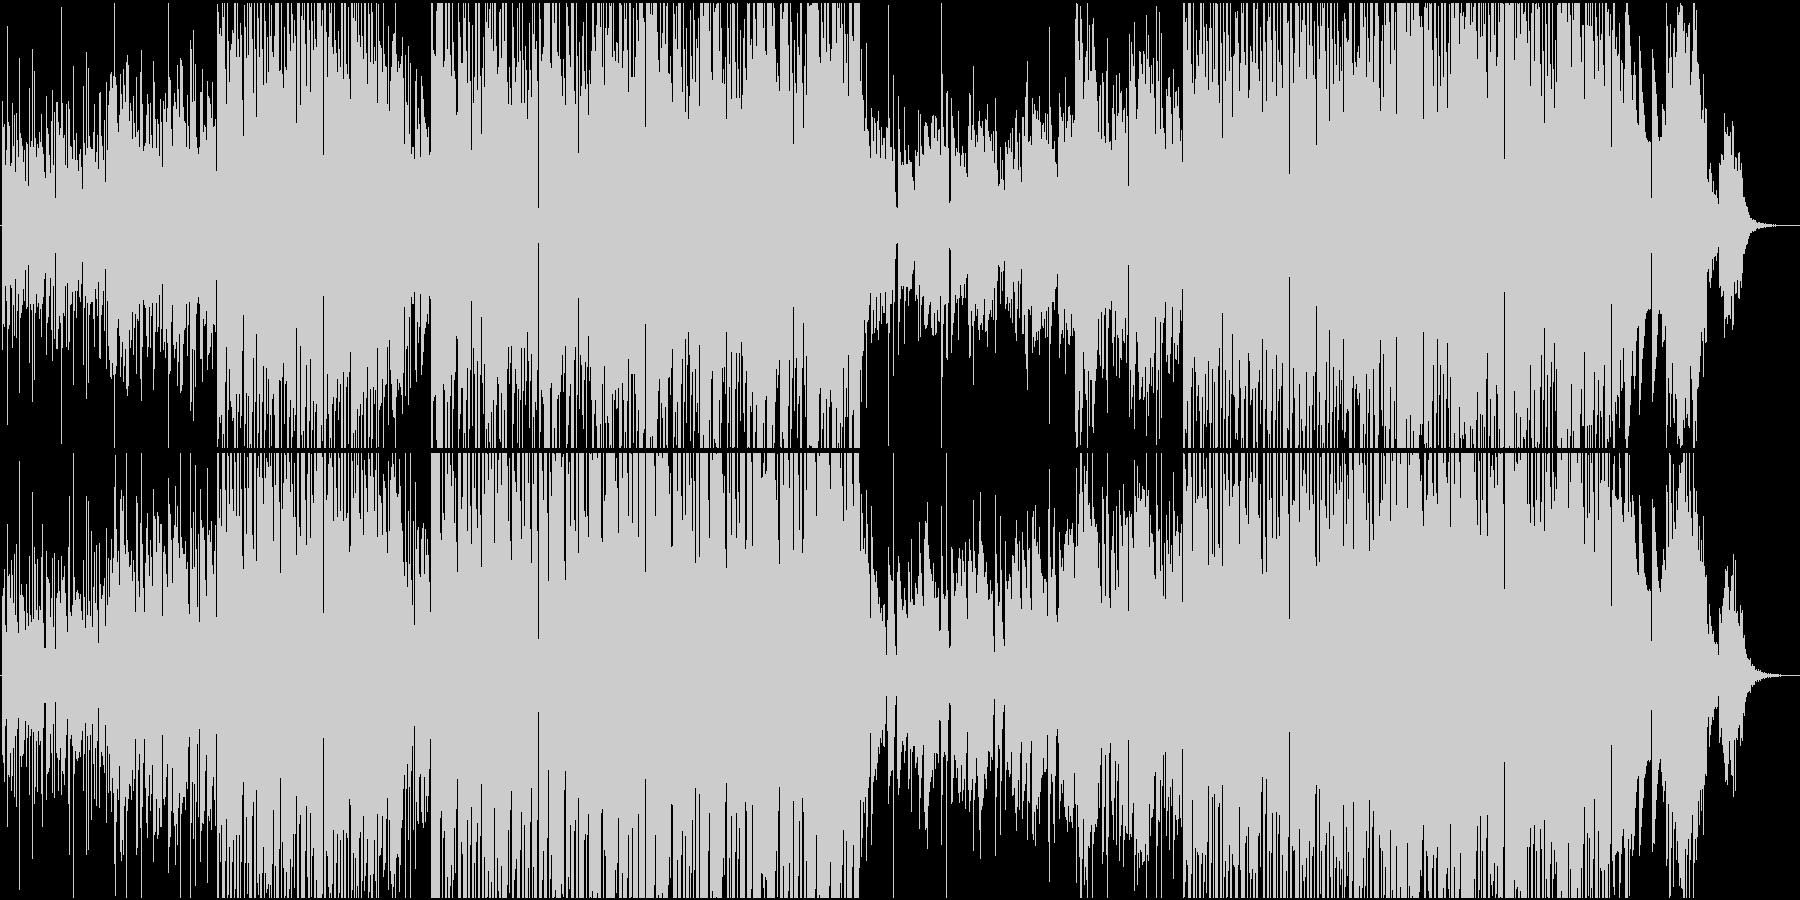 テンの雰囲気漂うアンビエントポップの未再生の波形